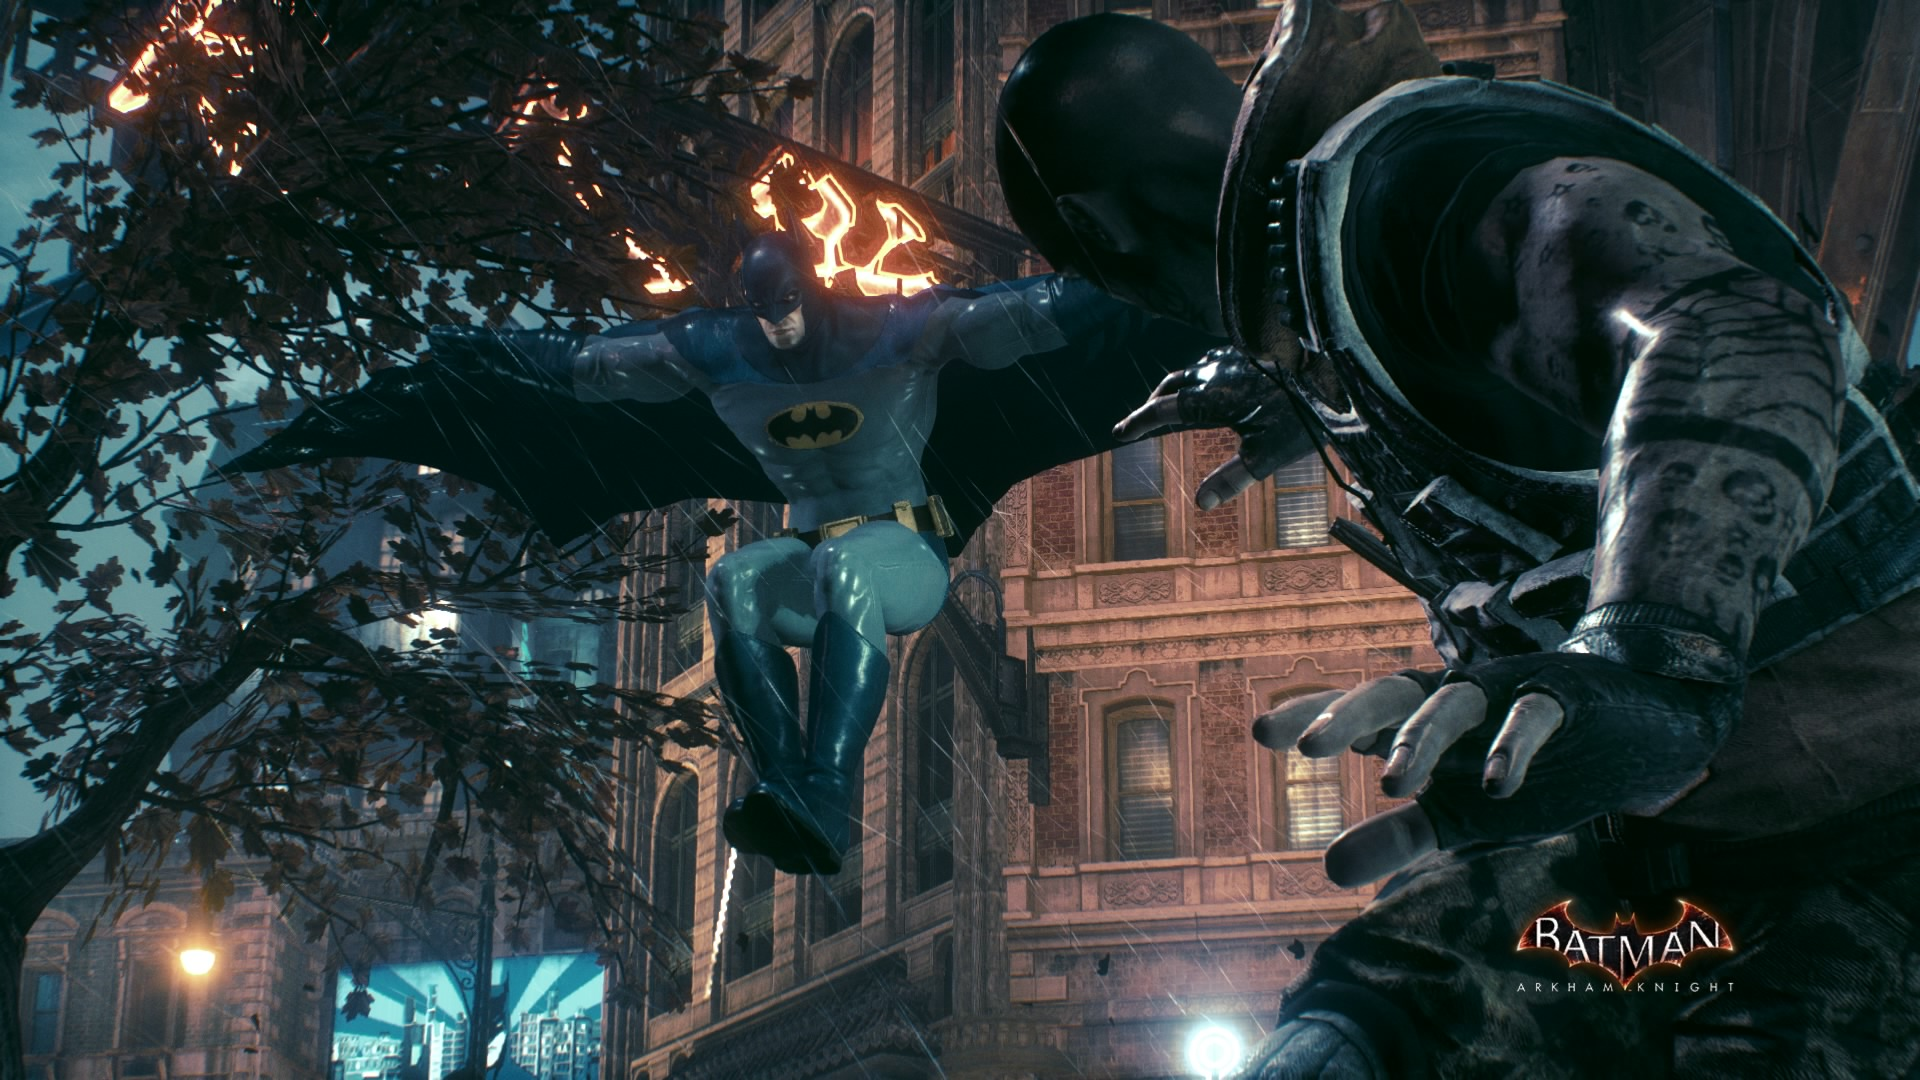 рыцарь картинки стол на рабочий бэтмен аркхема